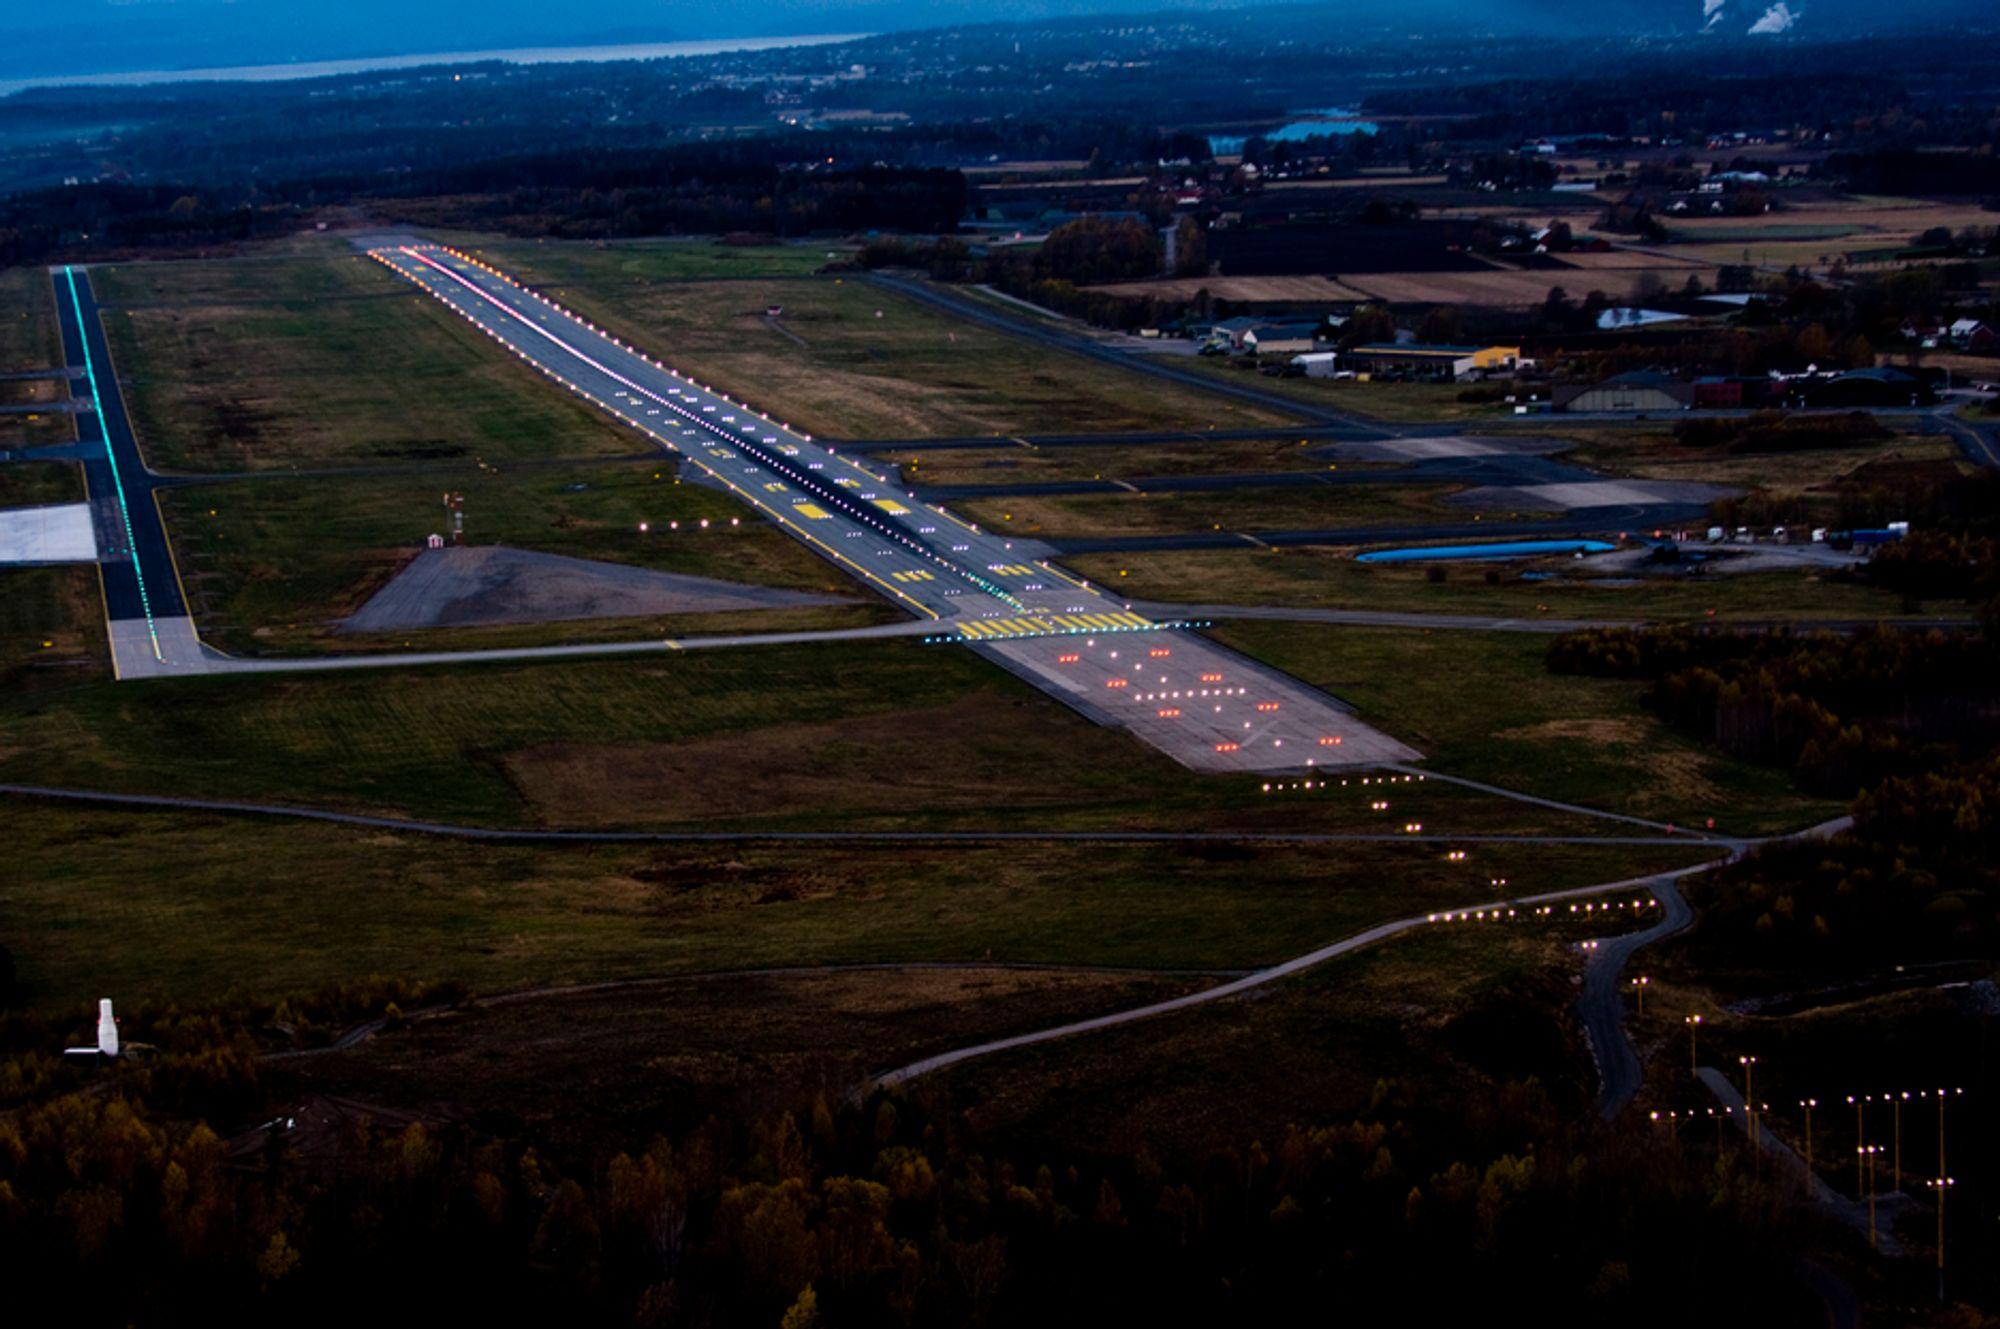 Moss lufthavn Rygge har fått nye landingslys i LED i forbindelse med oppgraderingen til ILS CAT II.